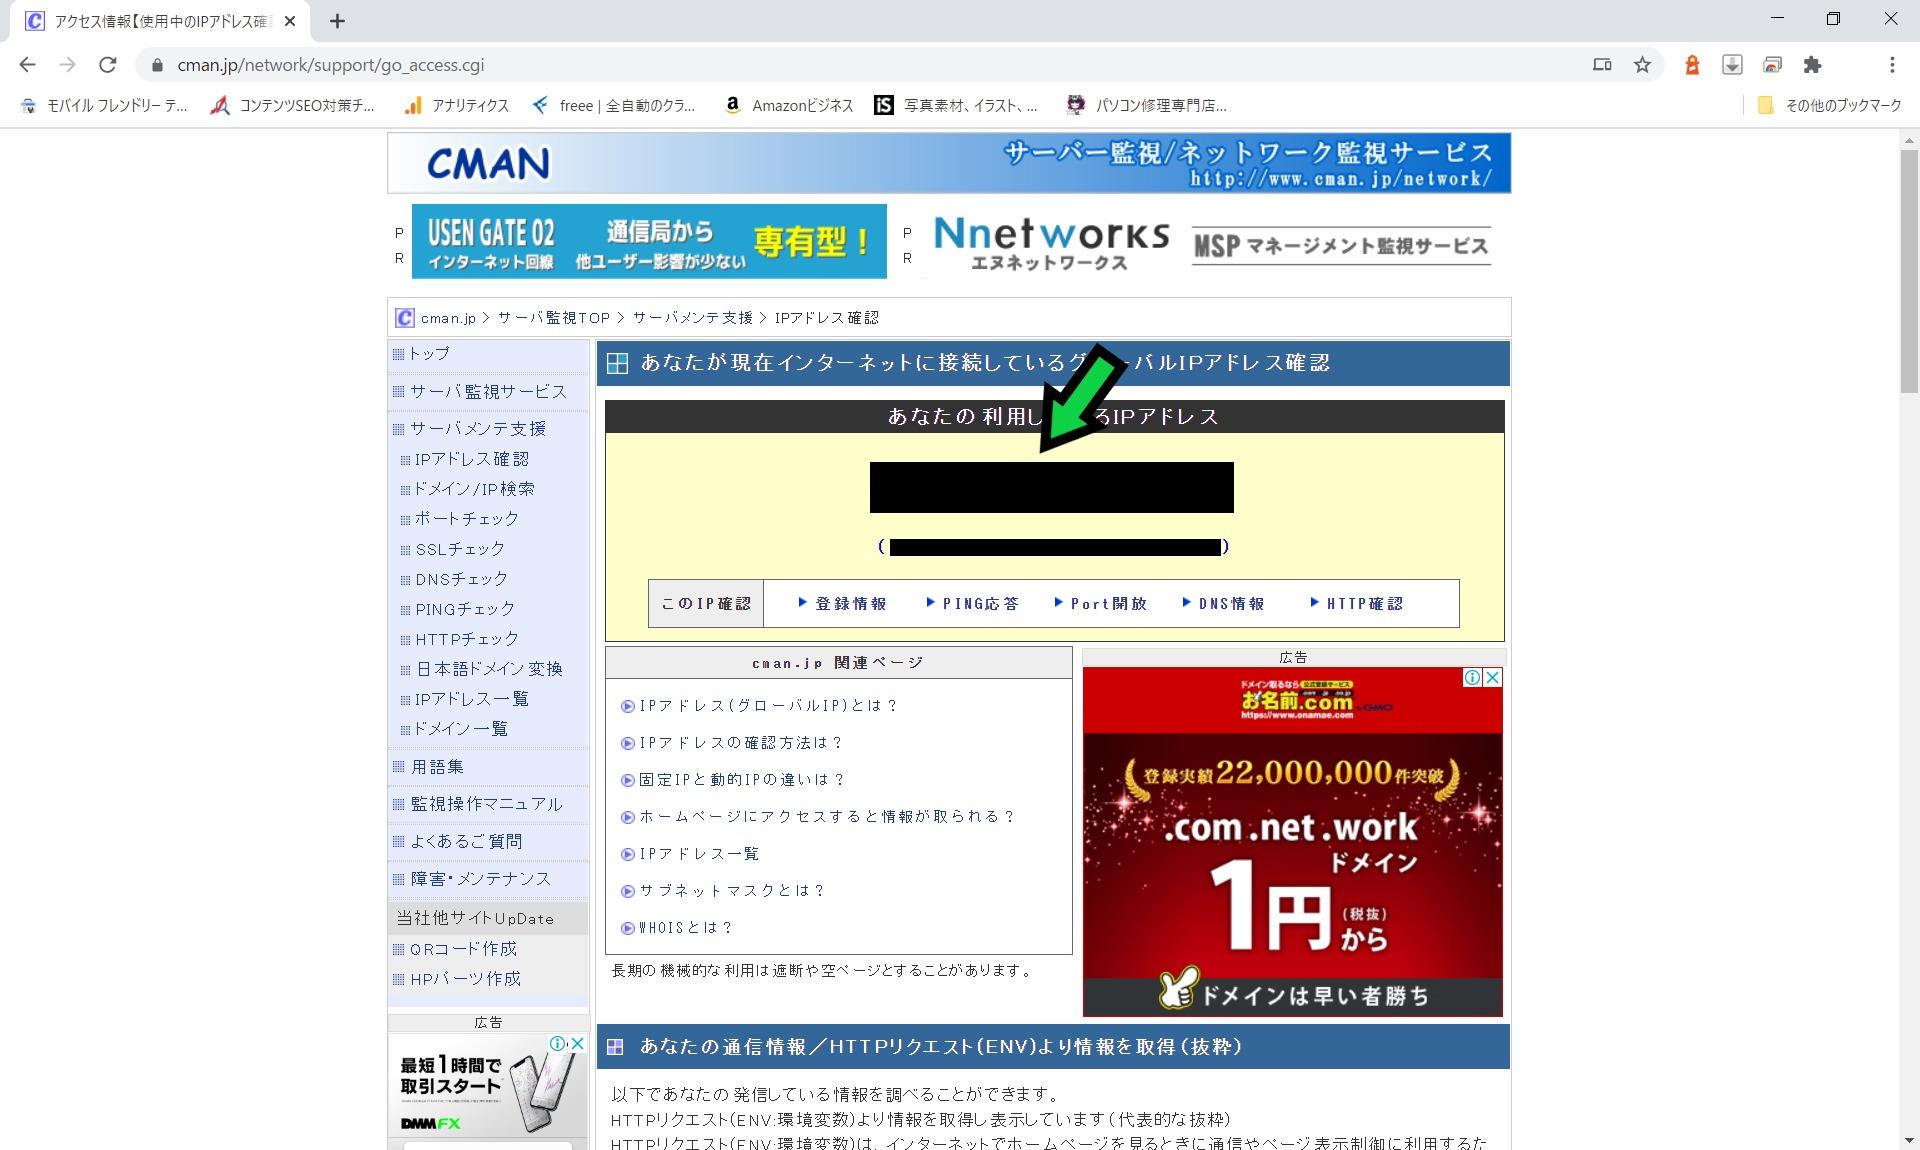 【簡単】グローバルIPアドレスを調べる方法